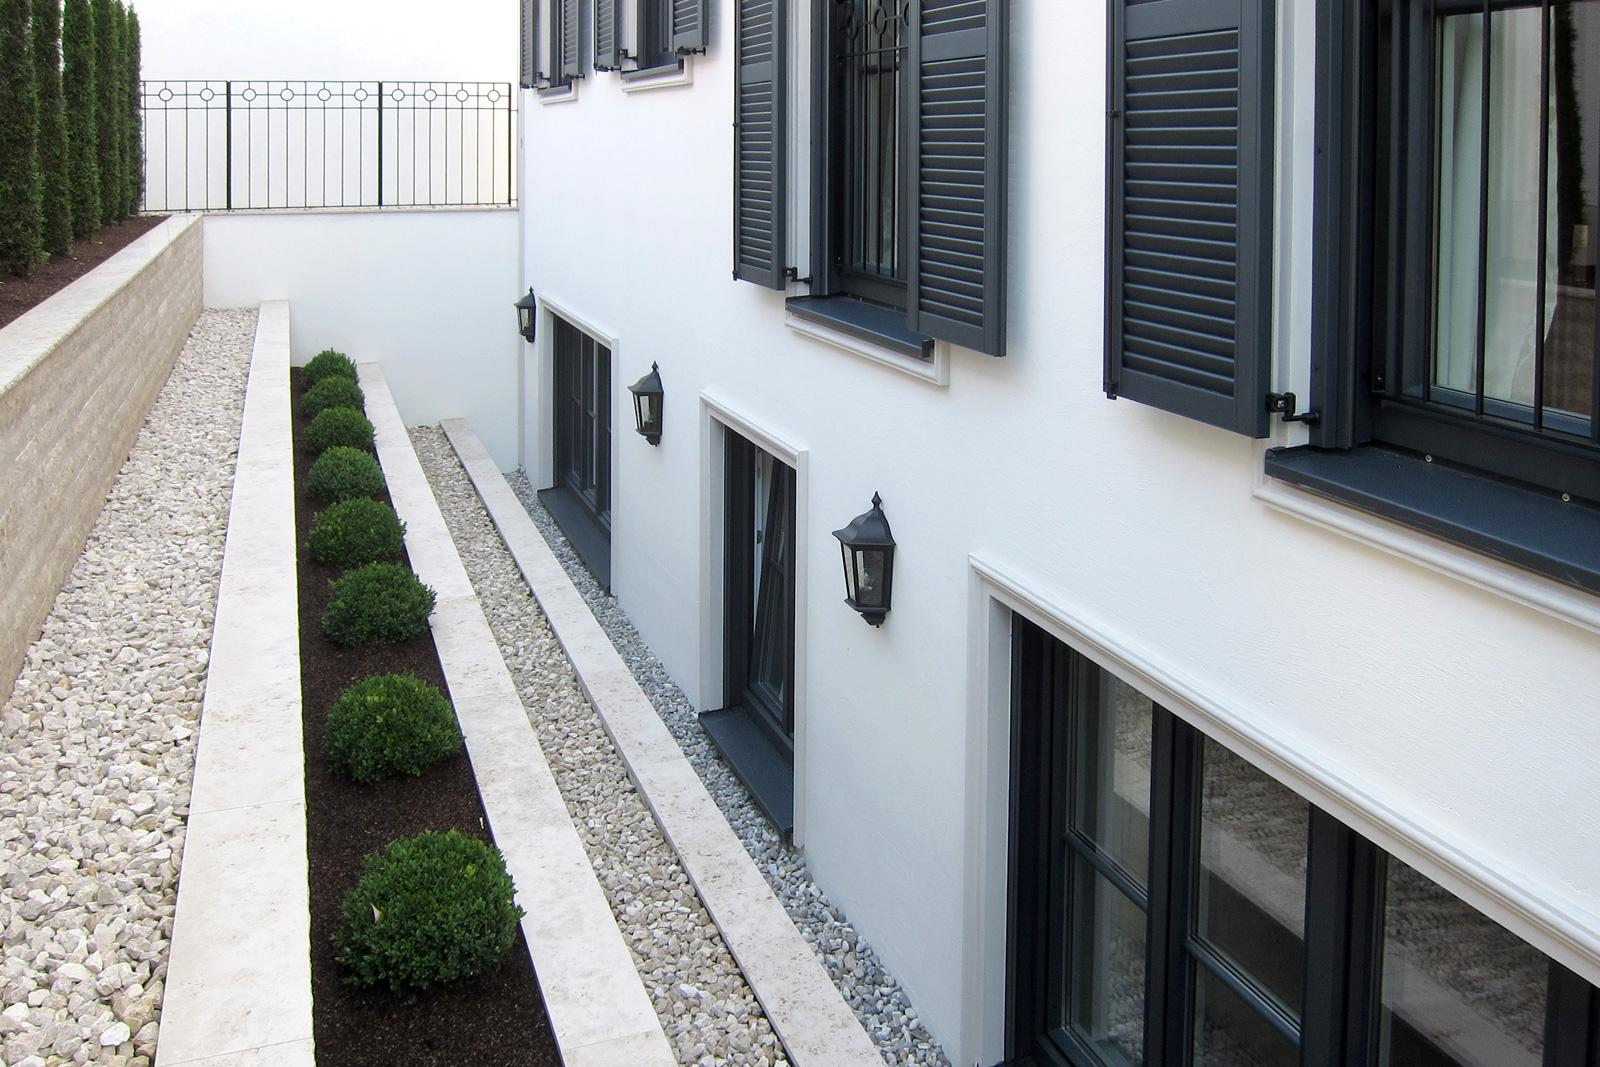 Architekt In München villa k neubau eines wohnhauses in münchen bogenhausen architekt